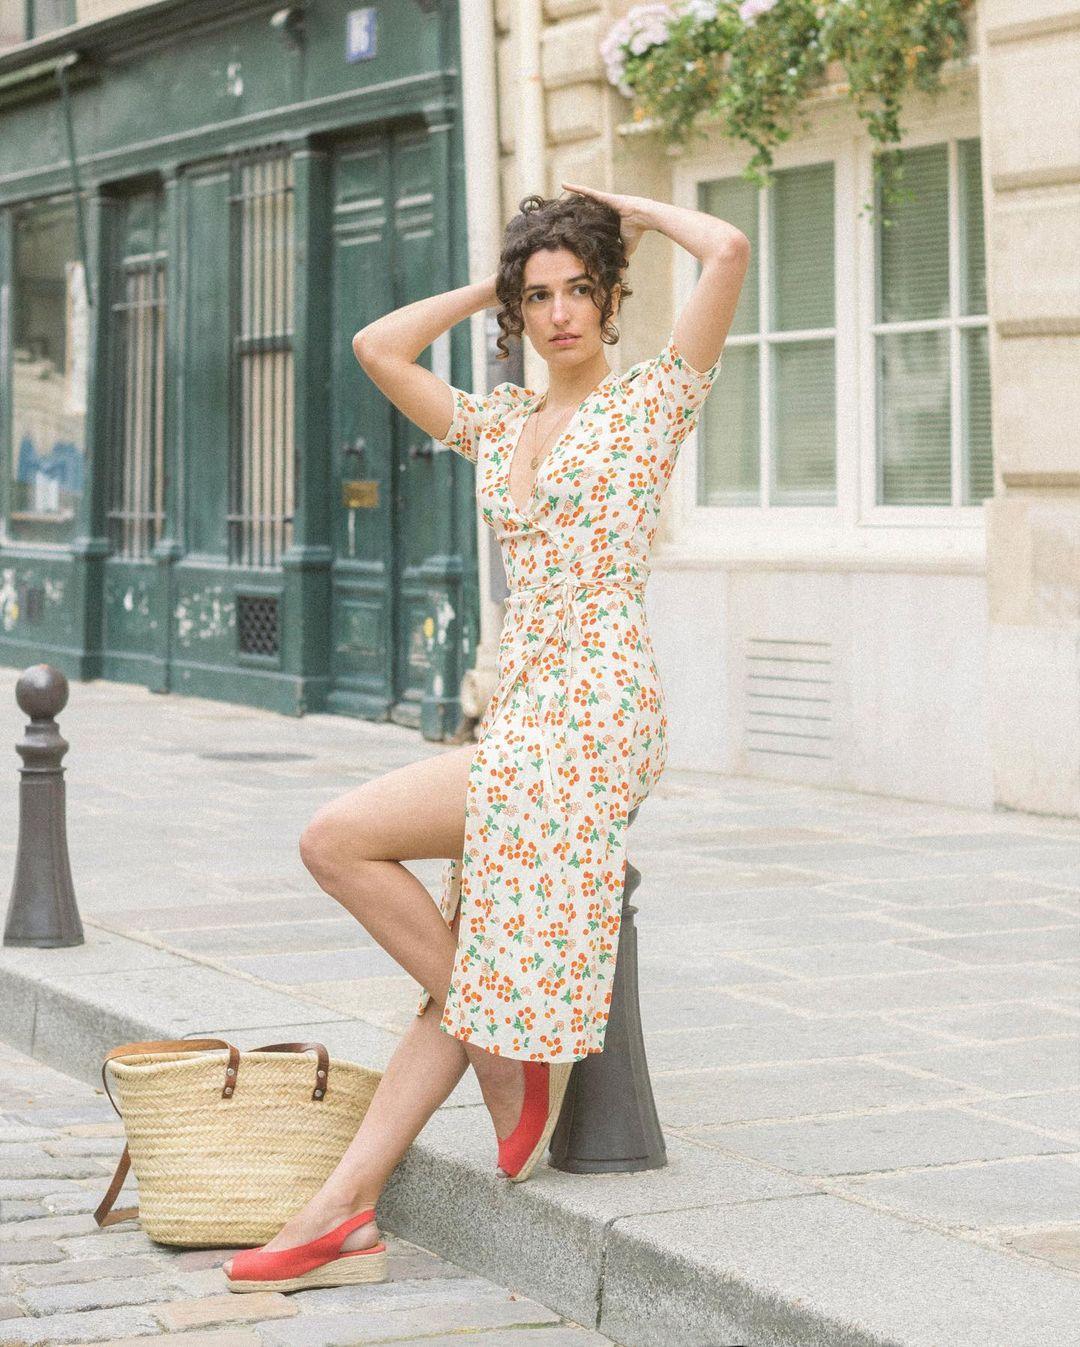 Quý cô người Pháp có style chuẩn nàng thơ: Không thể sống thiếu váy quấn, diện đồ 'hoa lá hẹ' mà vẫn rất mực tinh tế - Ảnh 5